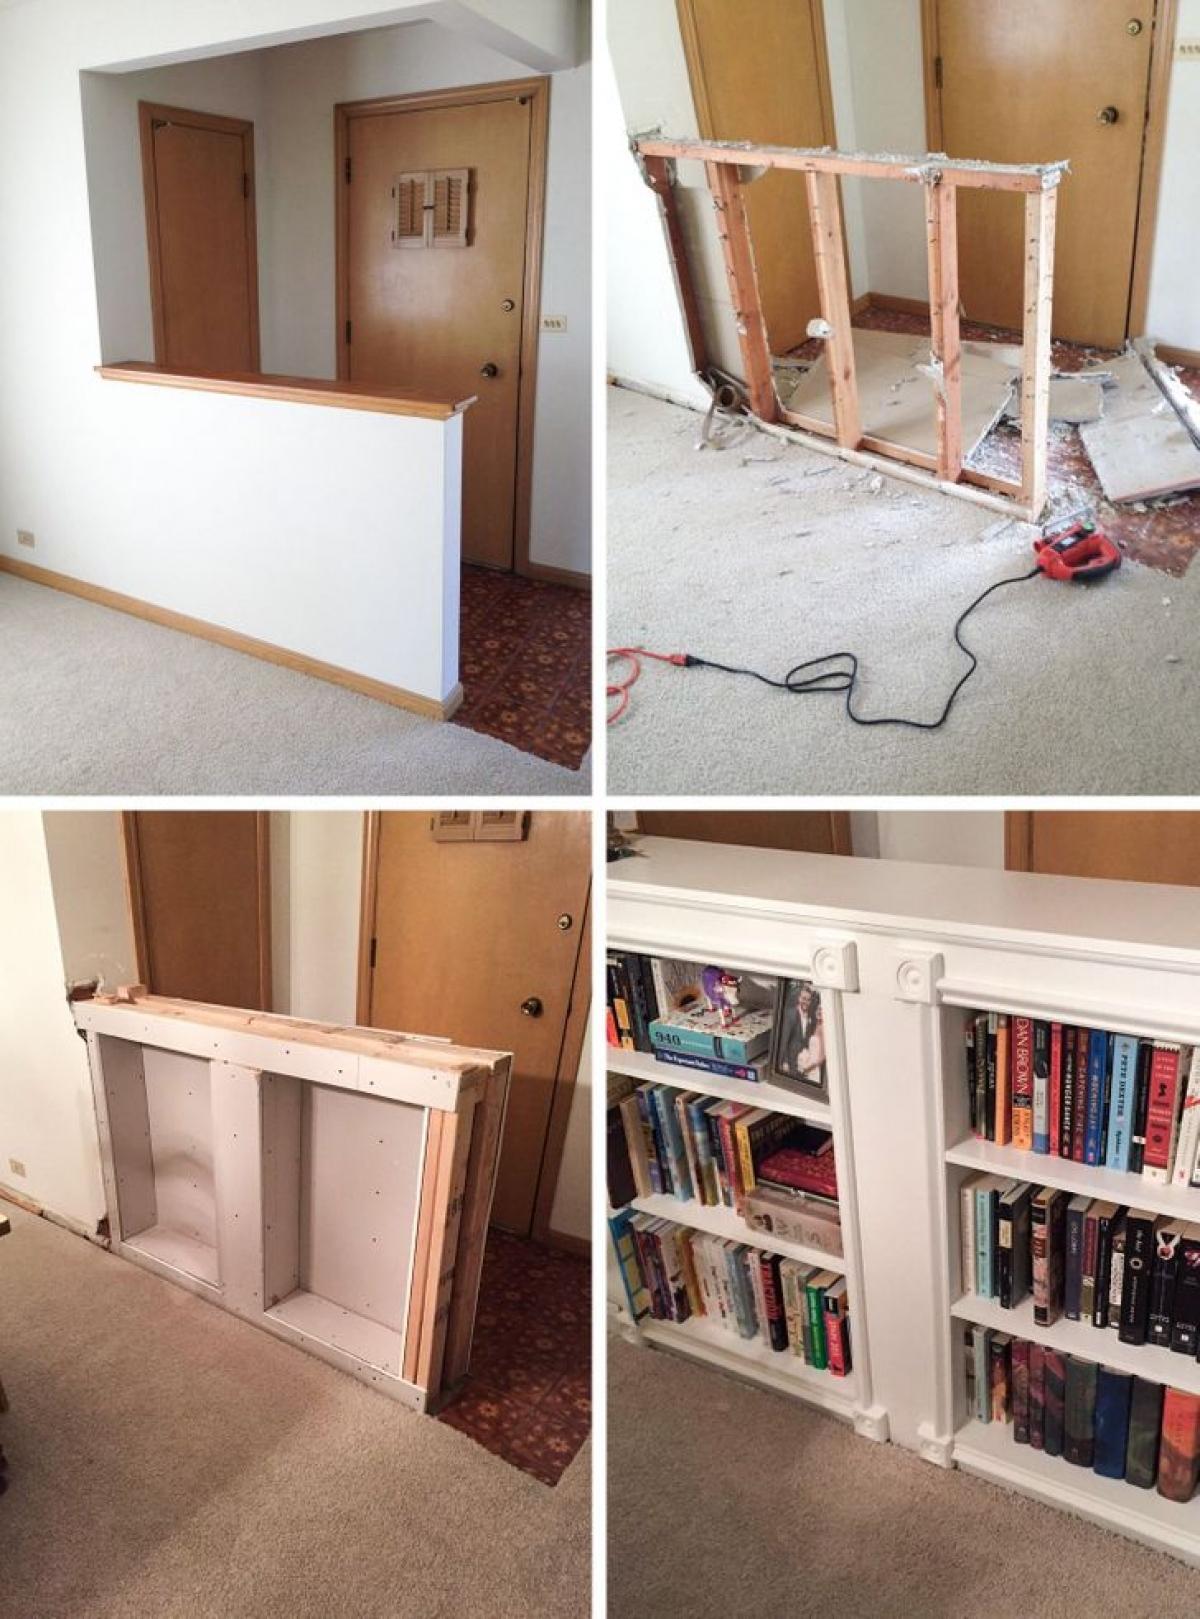 Chỉ với máy khoan, kéo, vài thanh gỗ thừa cùng một chút khéo tay, người đàn ông này đã biến bức tường ngăn giữa lối ra vào và căn phòng thành một kệ sách xinh xắn, đáng yêu.